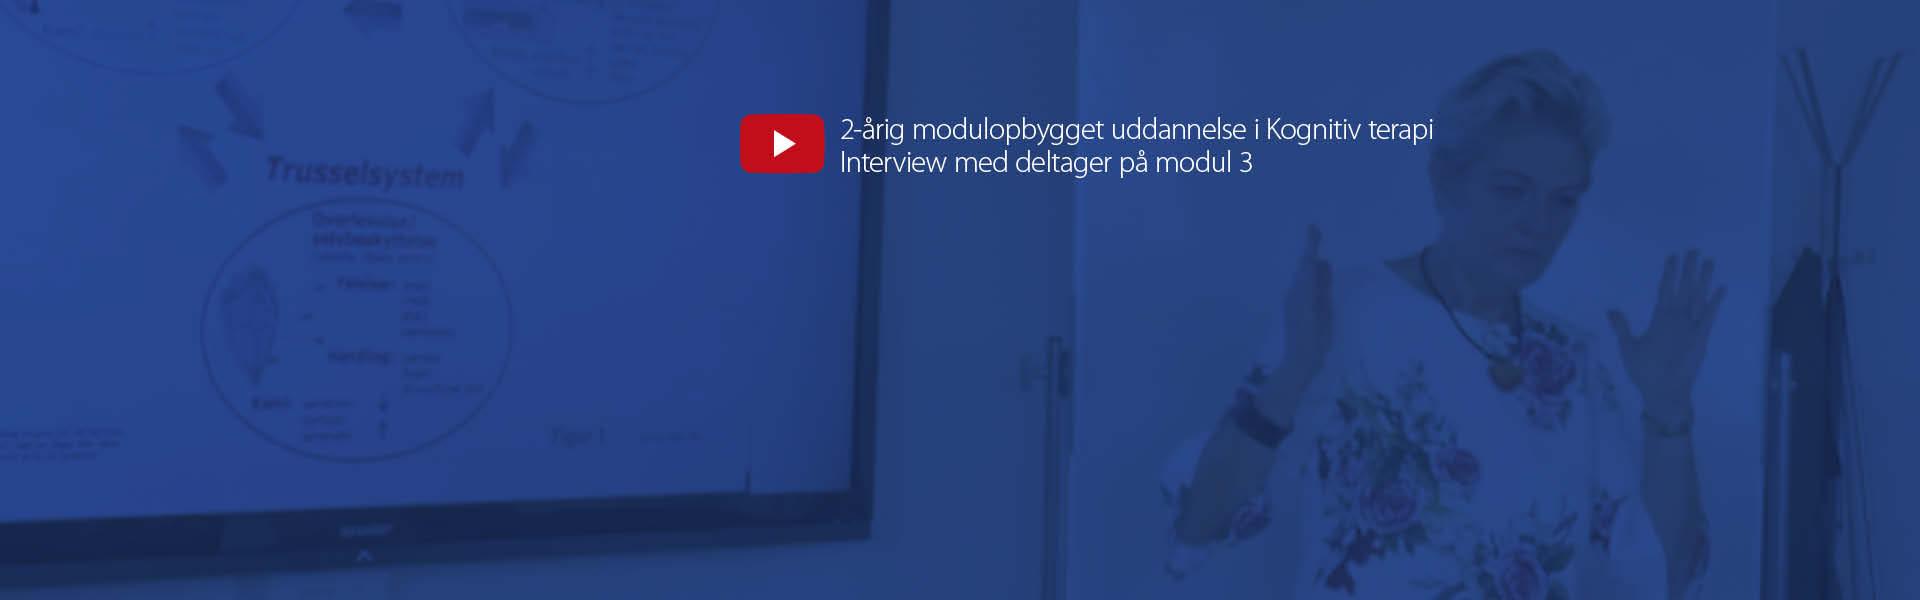 Videocover_2-årig modulopbygget uddannelse i Kognitiv terapi